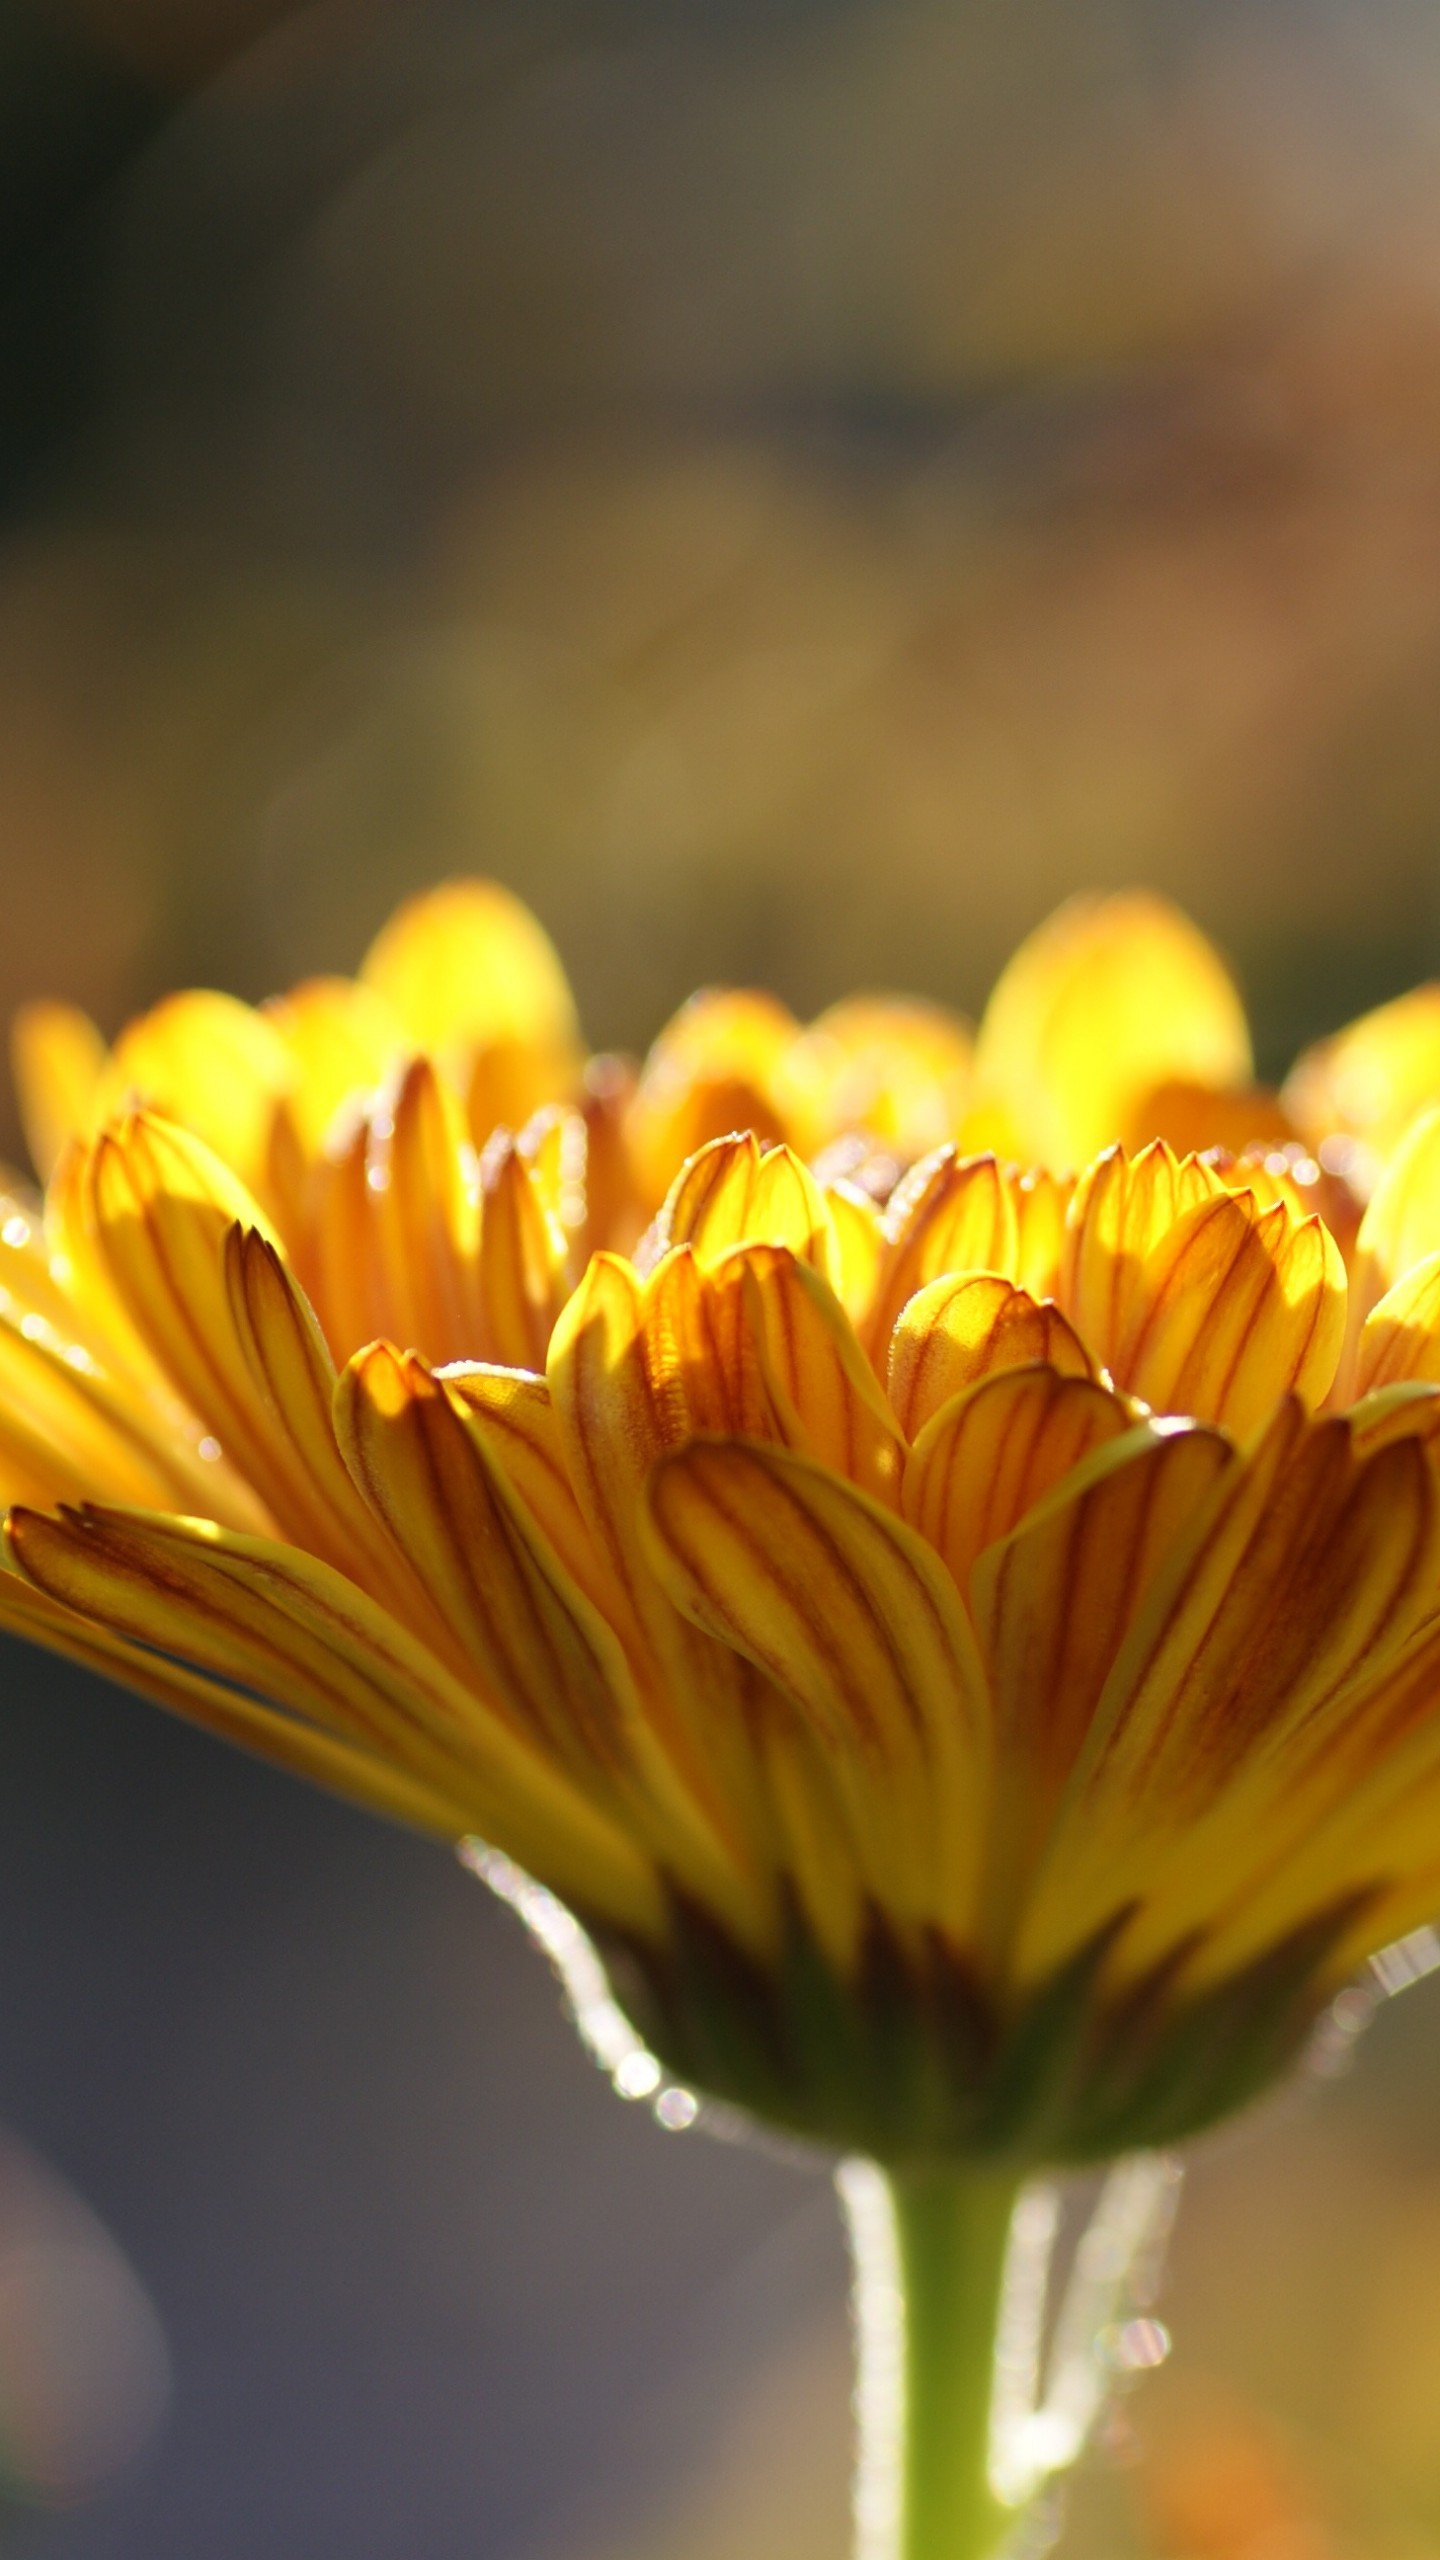 عکس زمینه گل زرد زیر نور آفتاب پس زمینه